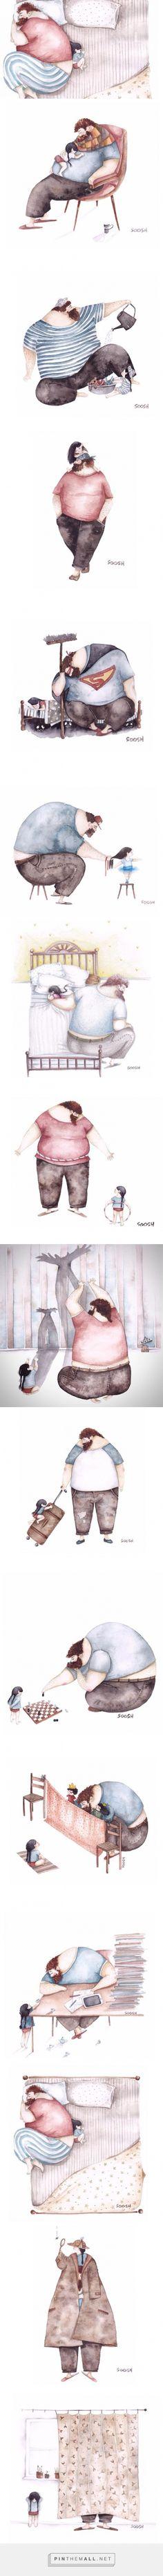 15 張感人肺腑的插畫,以溫柔細膩畫風訴盡〈父女之情的無限牽絆〉 | FLiPER - created via https://pinthemall.net